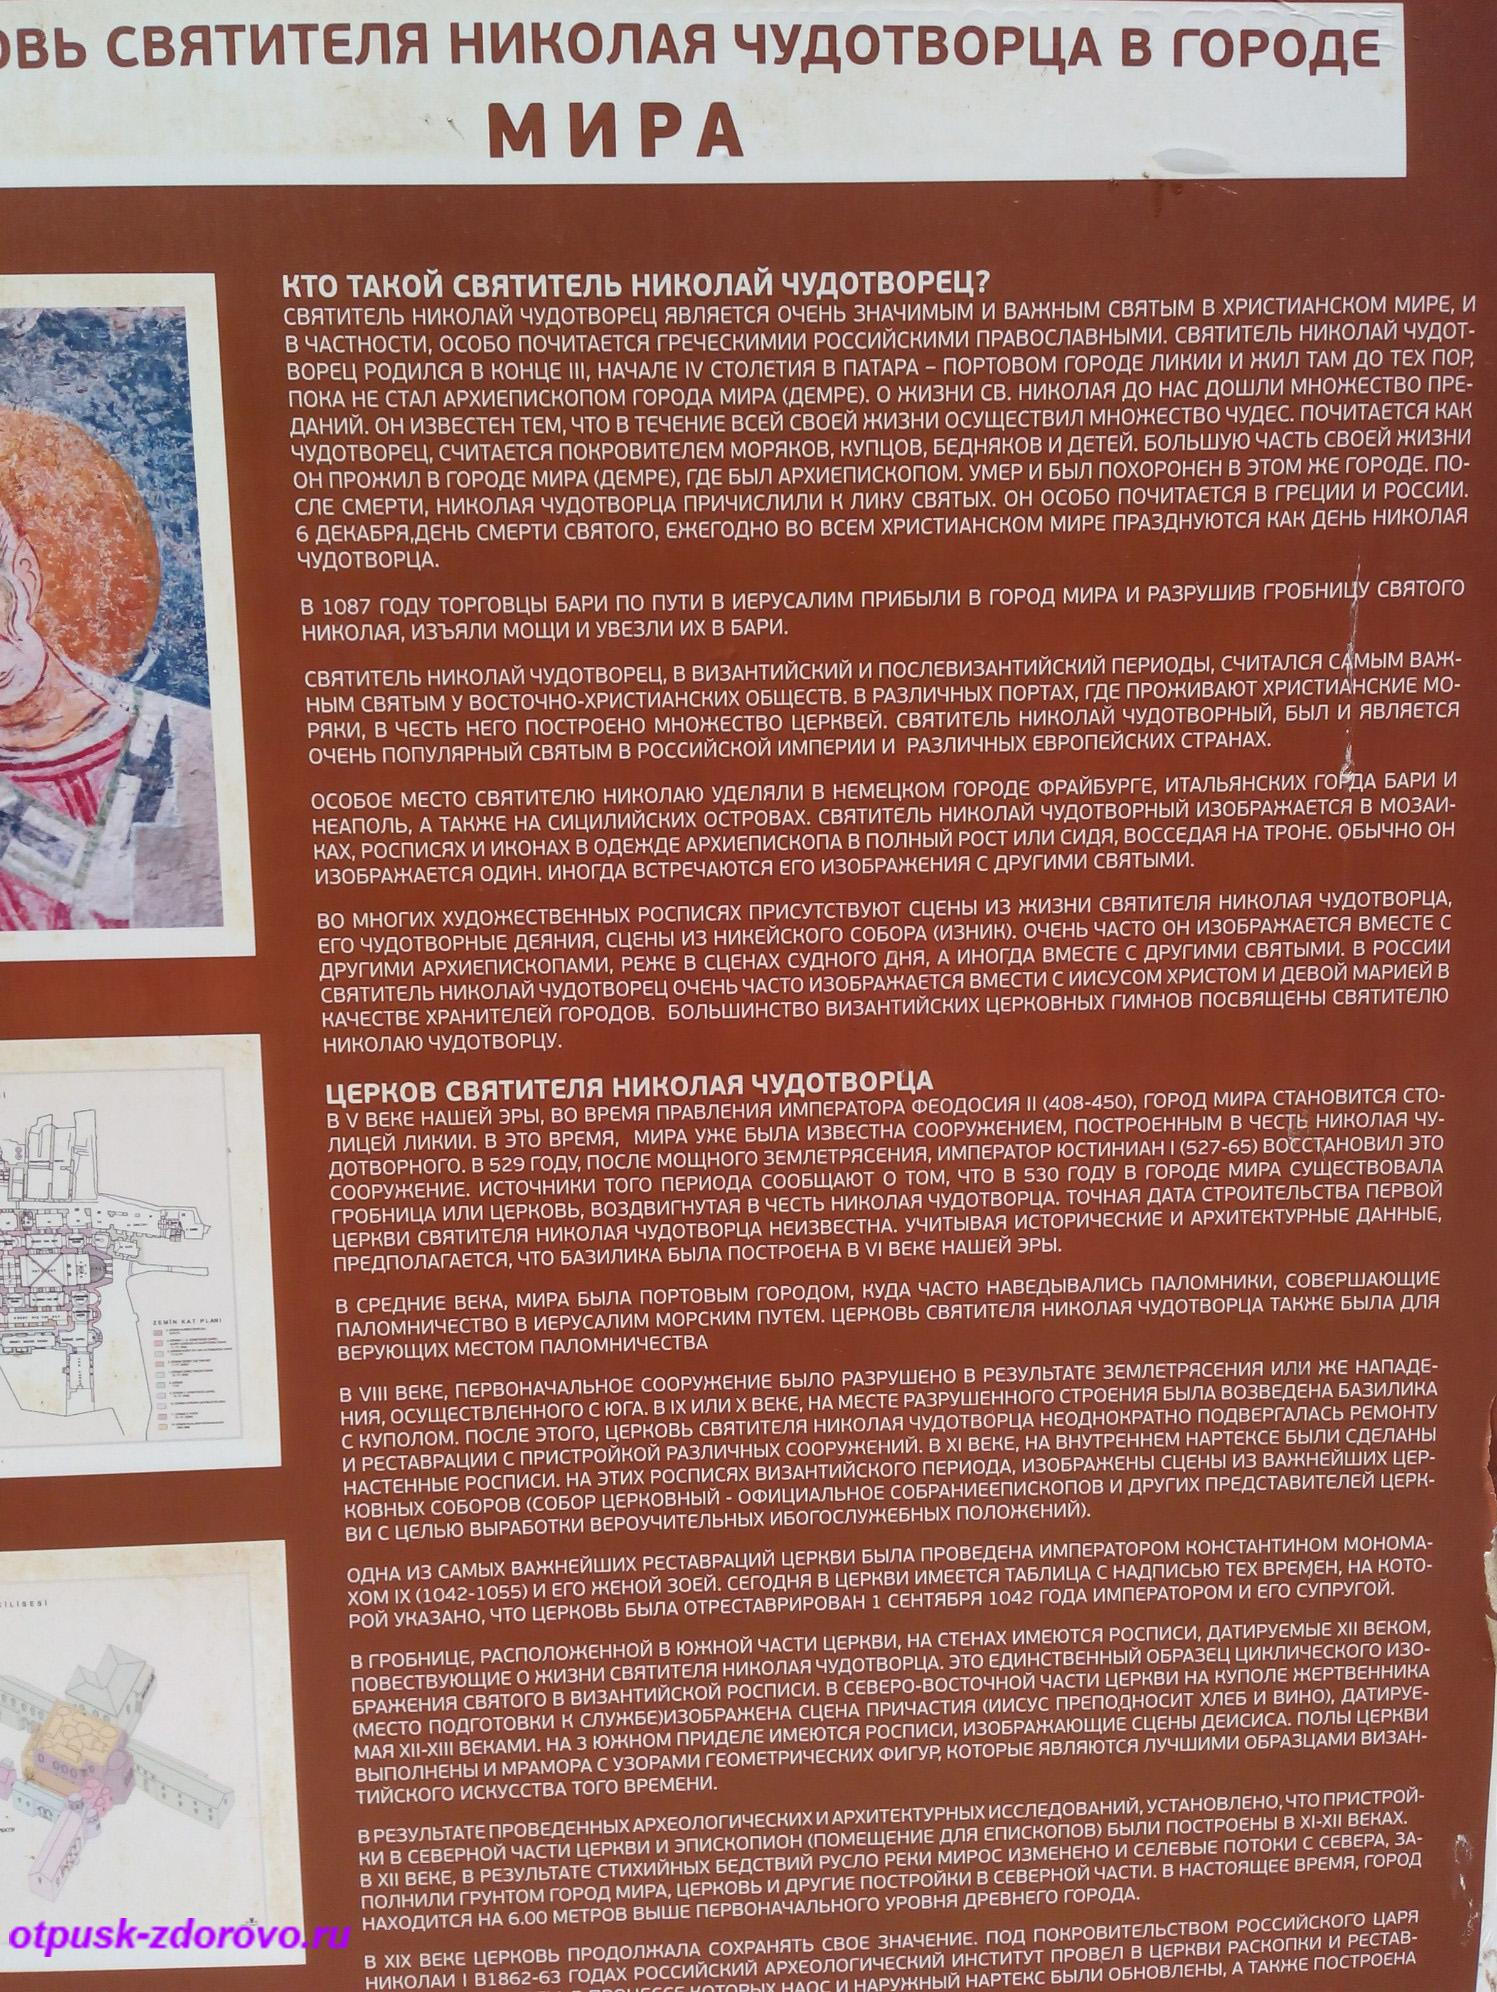 Описание и история церкви святого Николая Чудотворца в Демре, Турция